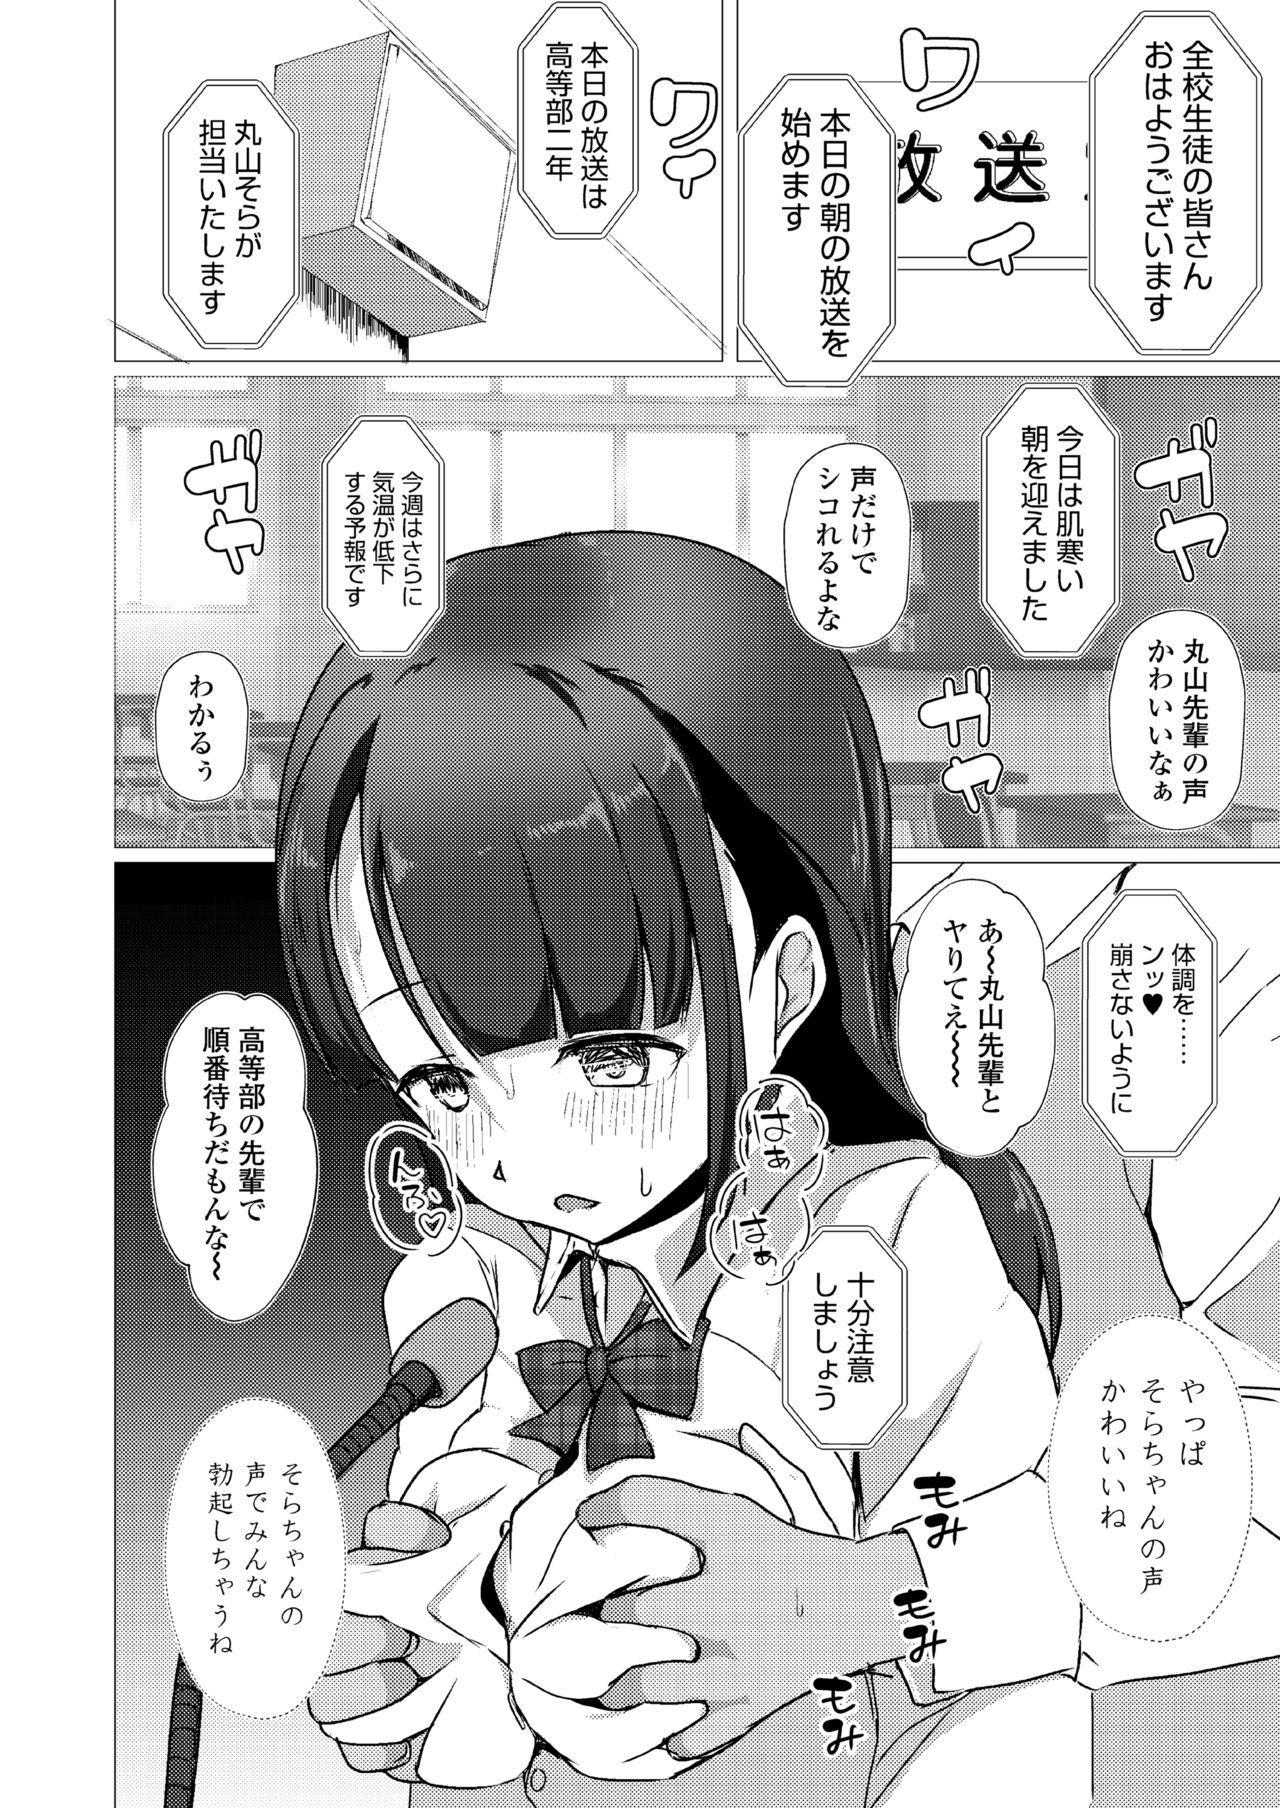 Kotowarenai Musume Ecchi na Karada de Oshiniyowai Seiyuu Shibou no Ko ga Free Sex Gakuen ni Nyuugaku Shichattara 9